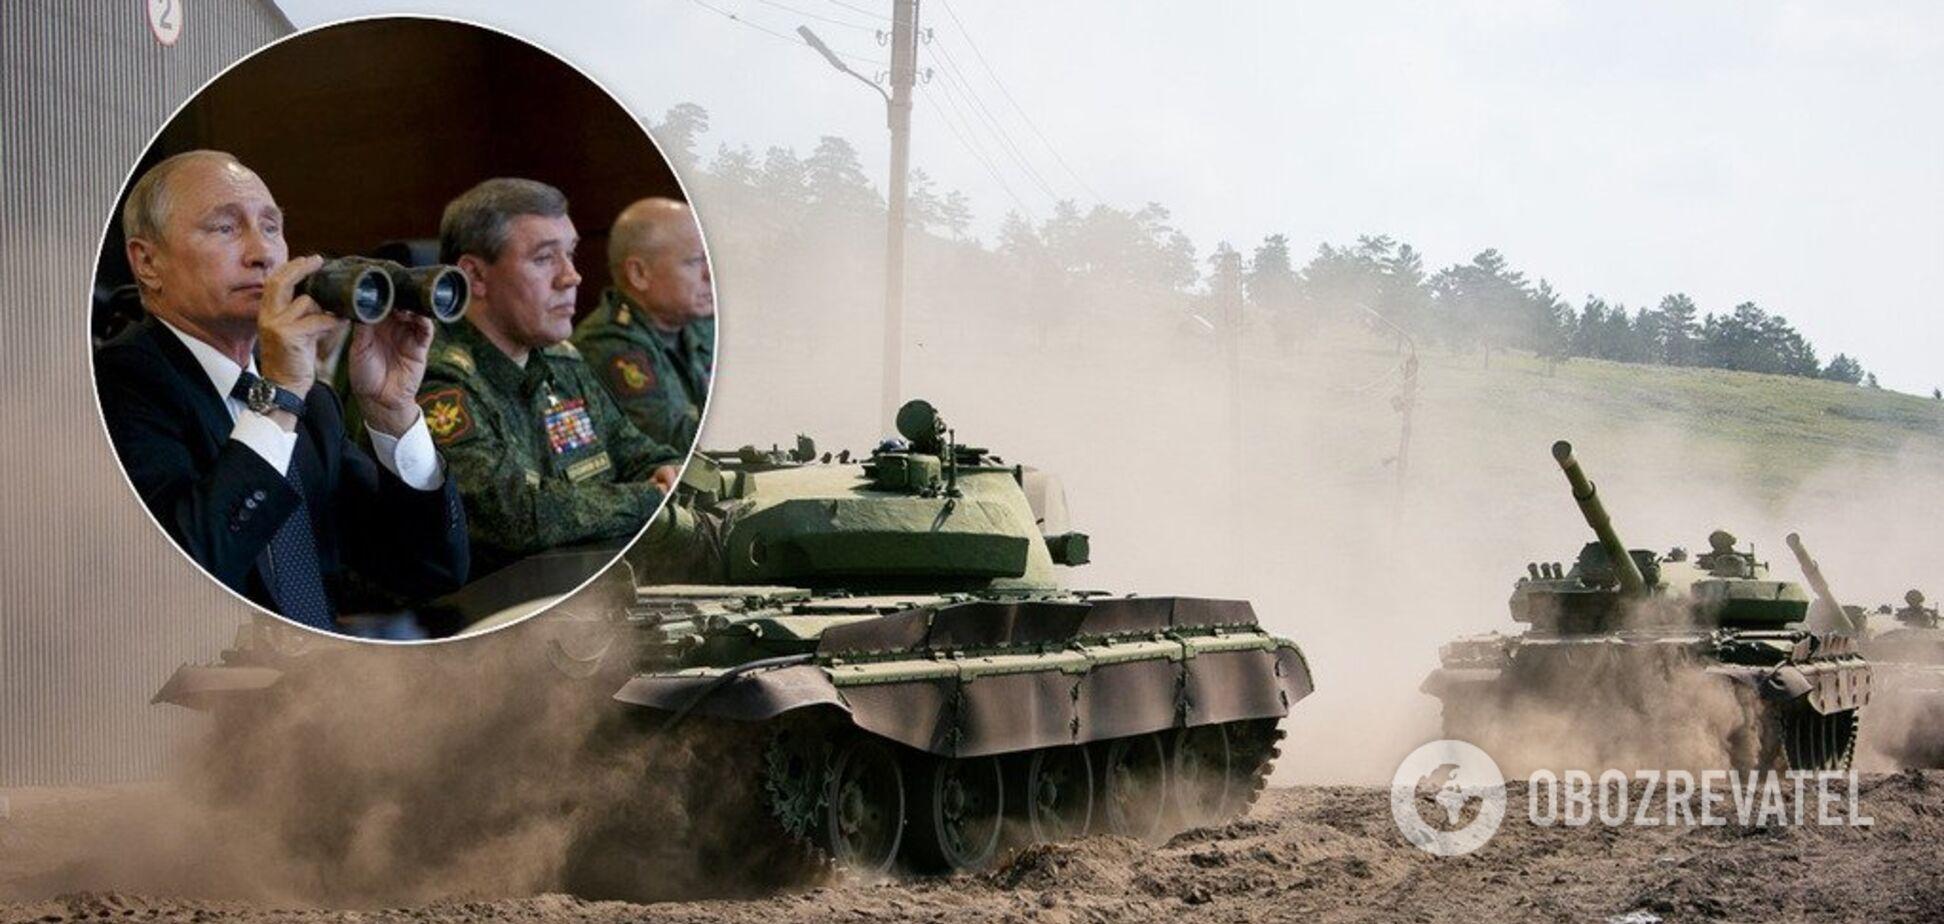 Россия перебросила на Донбасс новые танки: в штабе ООС заявили об угрозе